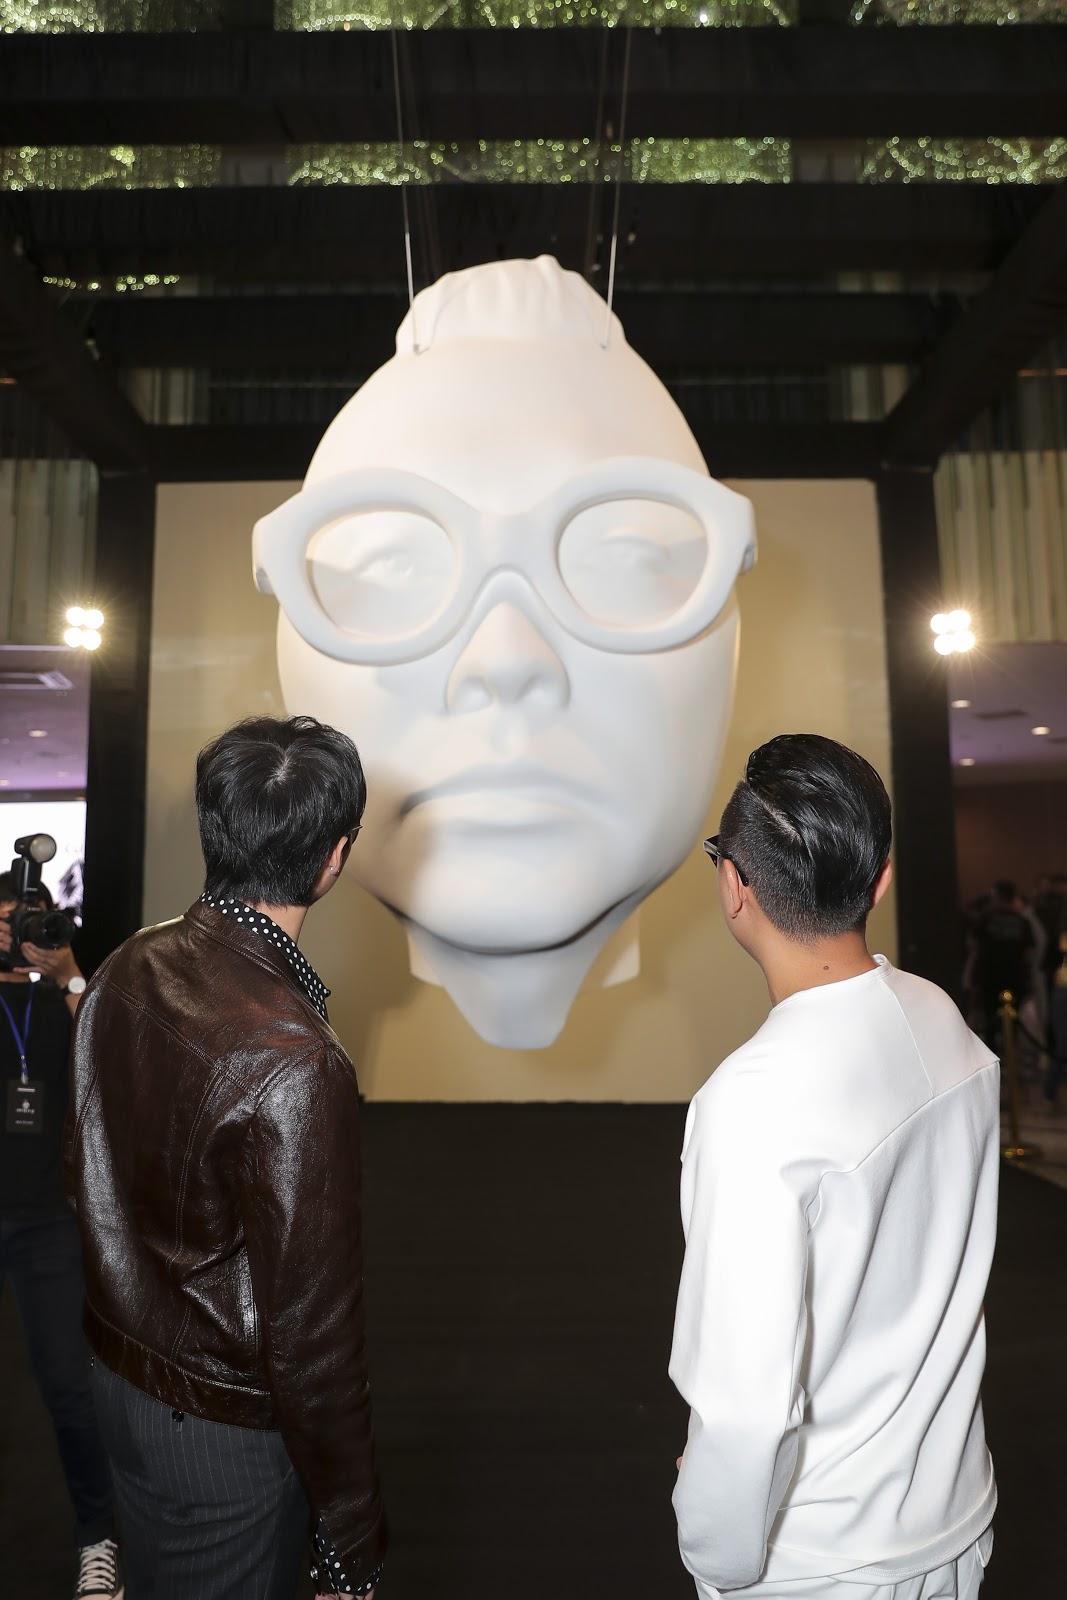 Sơn Tùng chiếm trọn spotlight tại sự kiện Triển lãm thời trang Nguyễn Công Trí và Nghệ thuật Đương đại 'Cục Im Lặng' - Hình 2